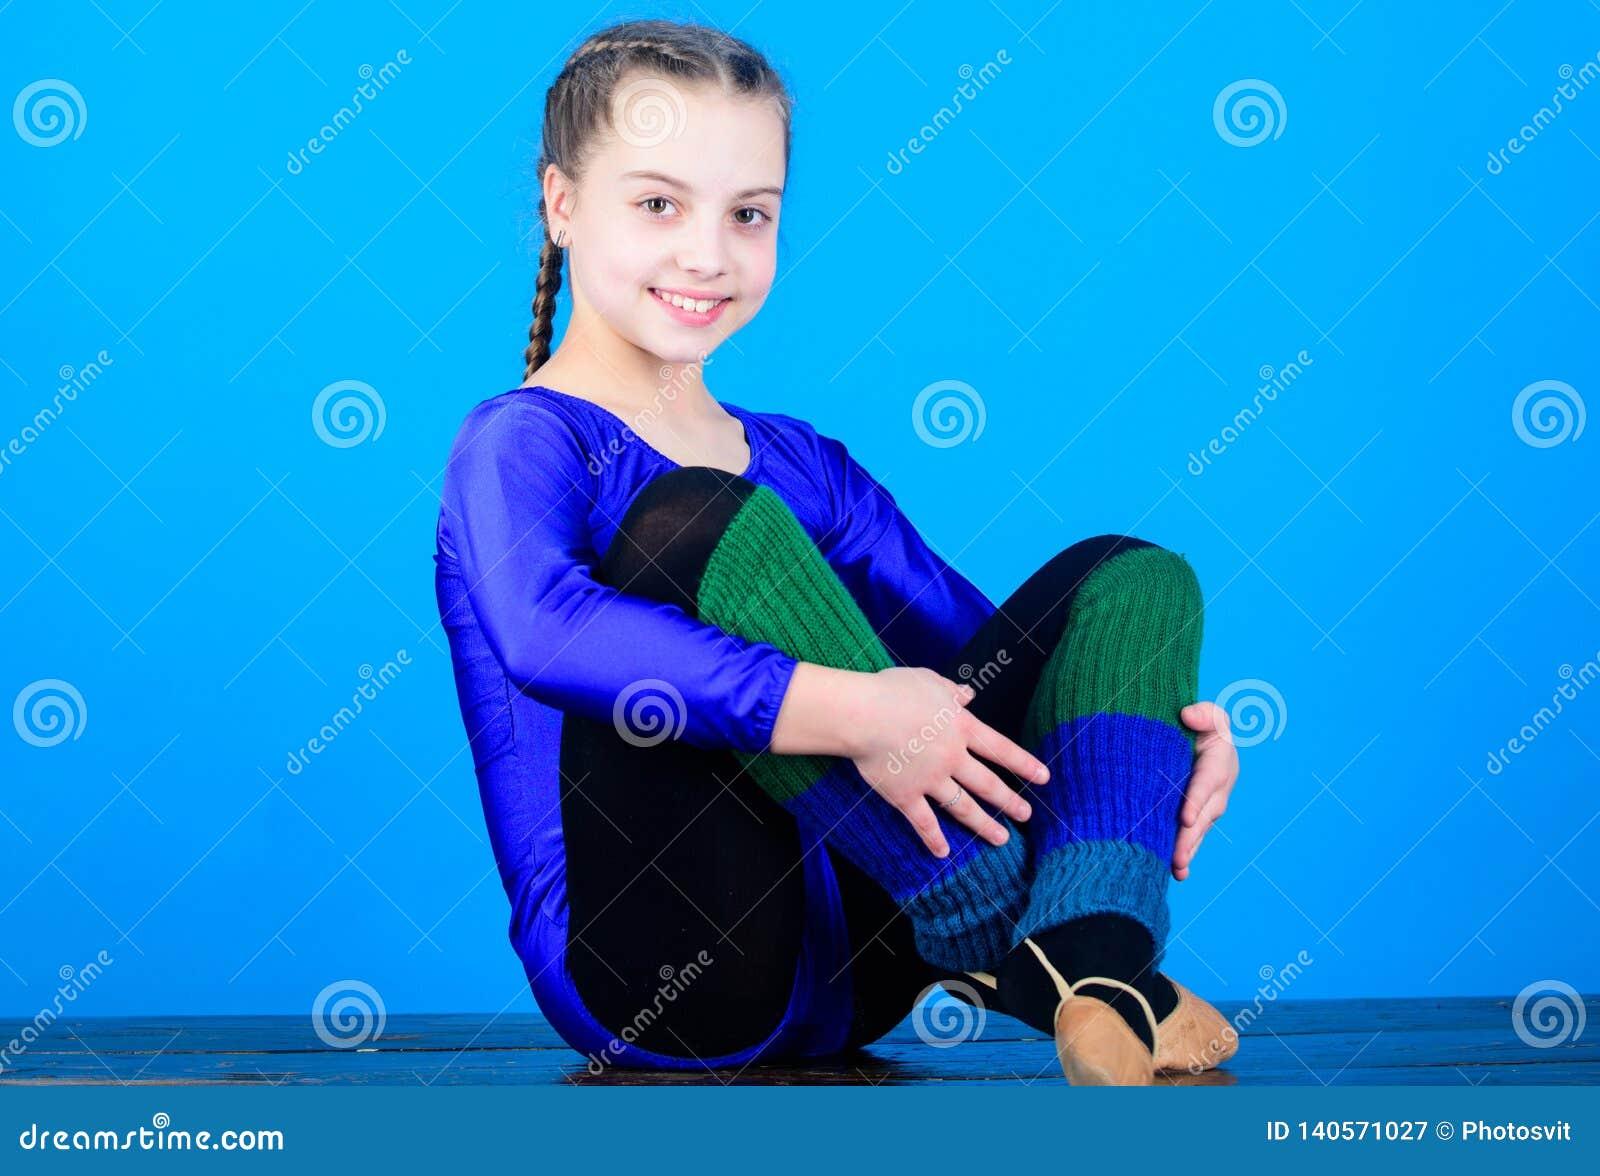 Минута, который нужно ослабить Трико спорт гимнаста девушки маленькое Физкультура и гимнастика тело гибкое звукомерно